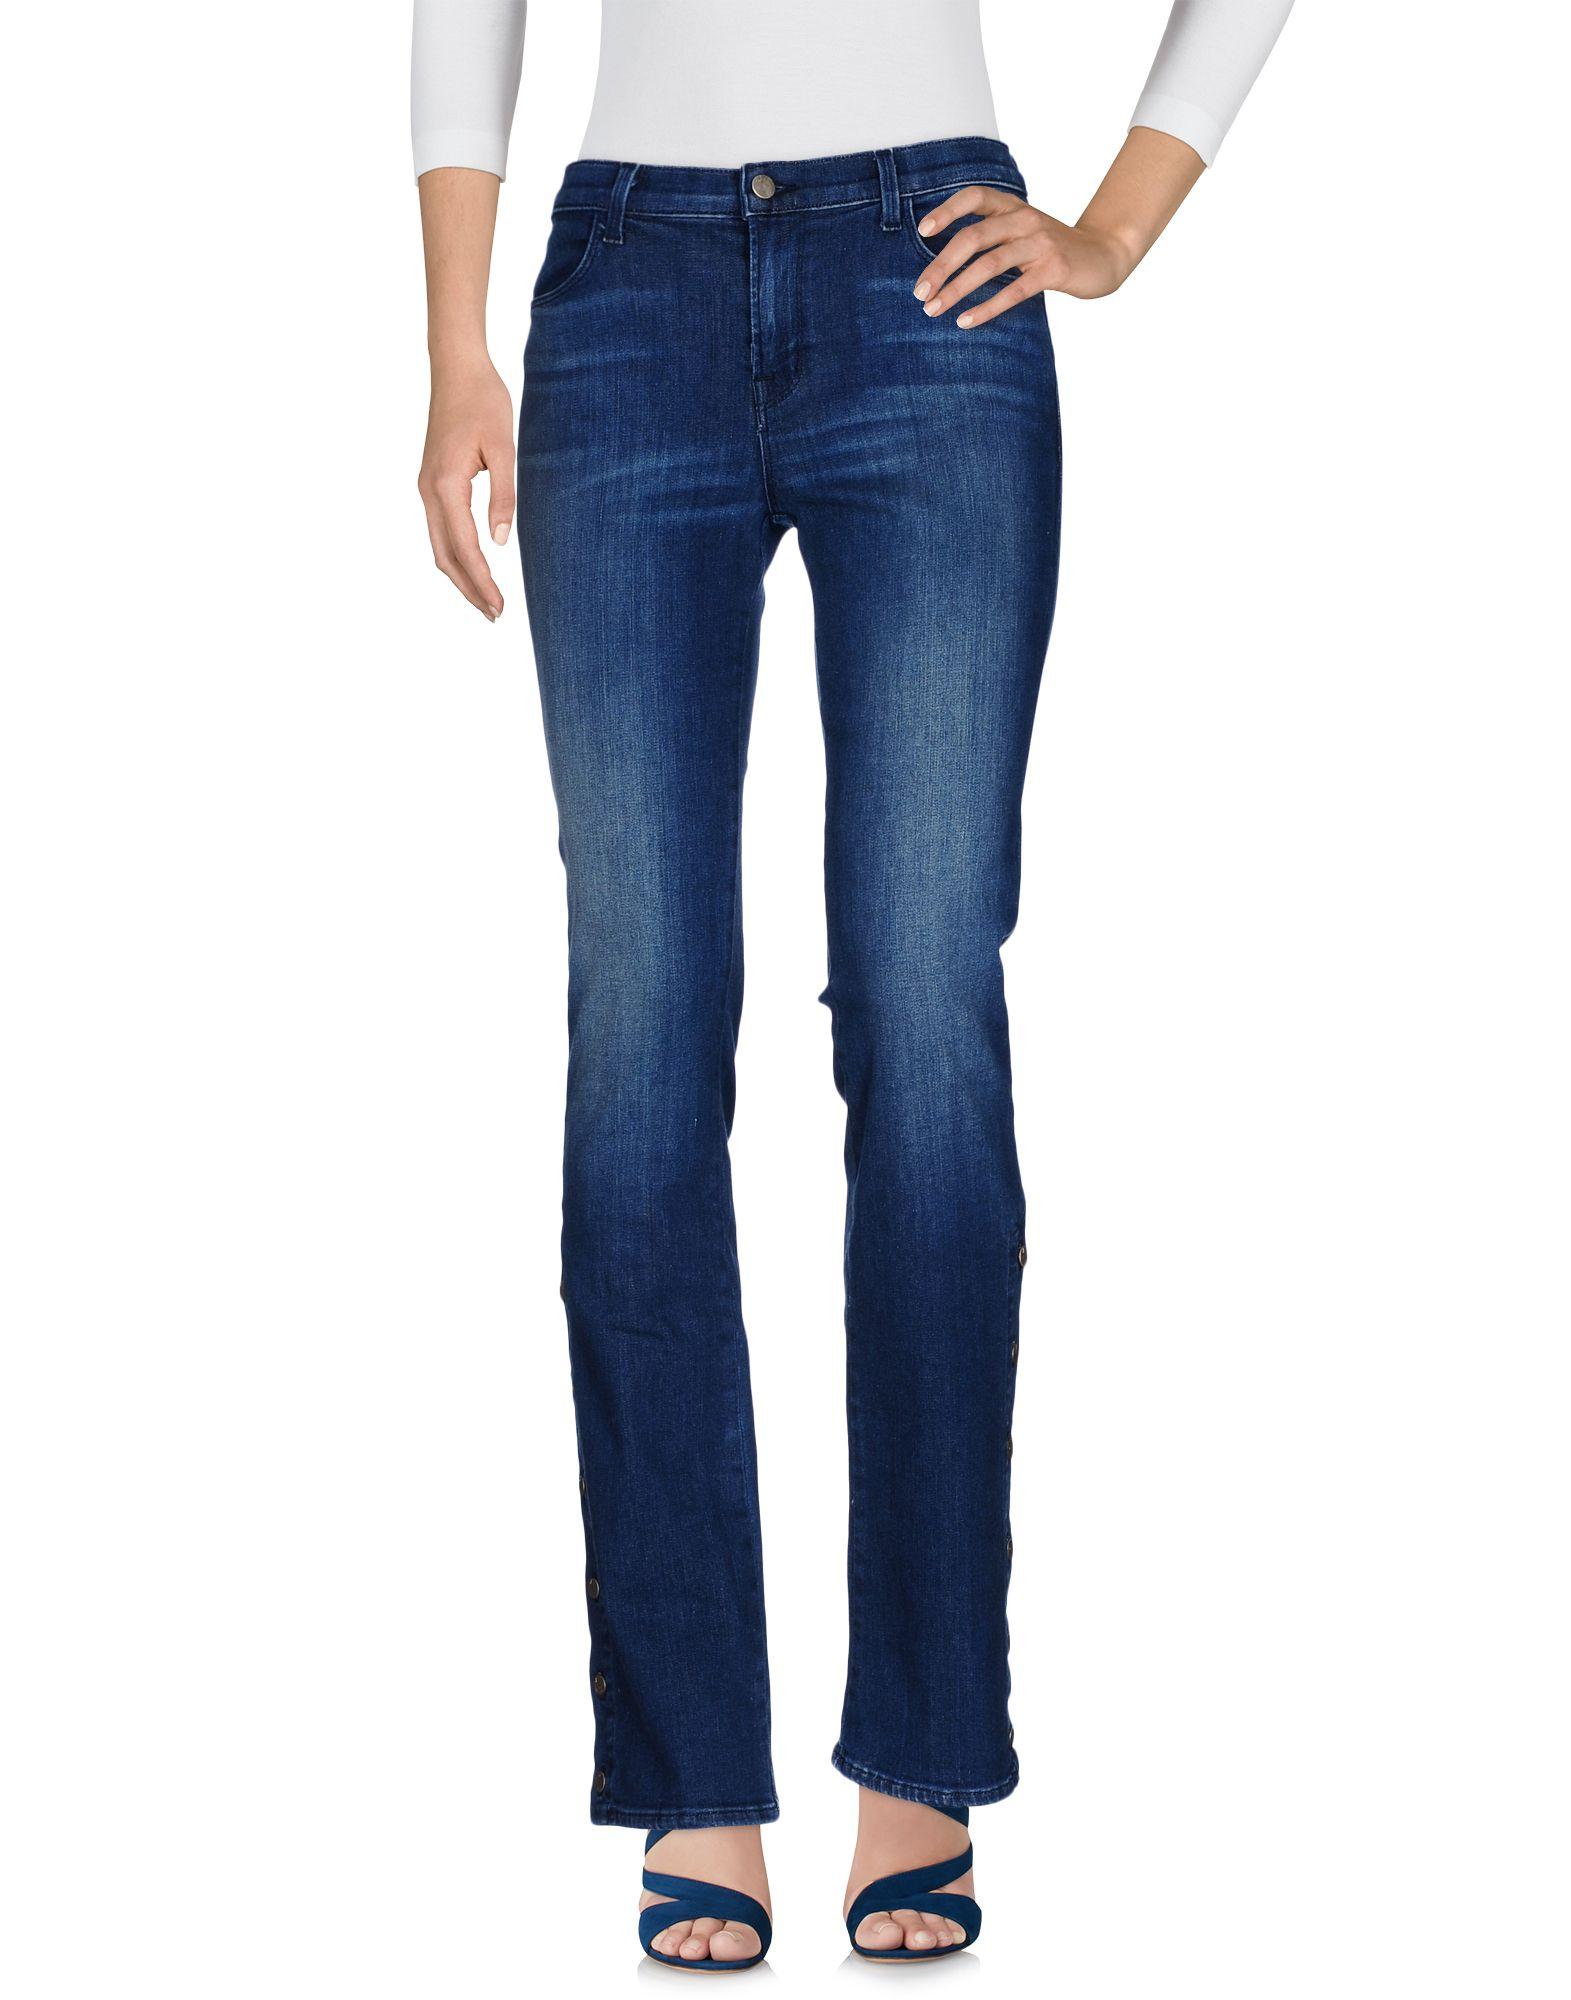 J BRAND Damen Jeanshose Farbe Blau Größe 2 jetztbilligerkaufen